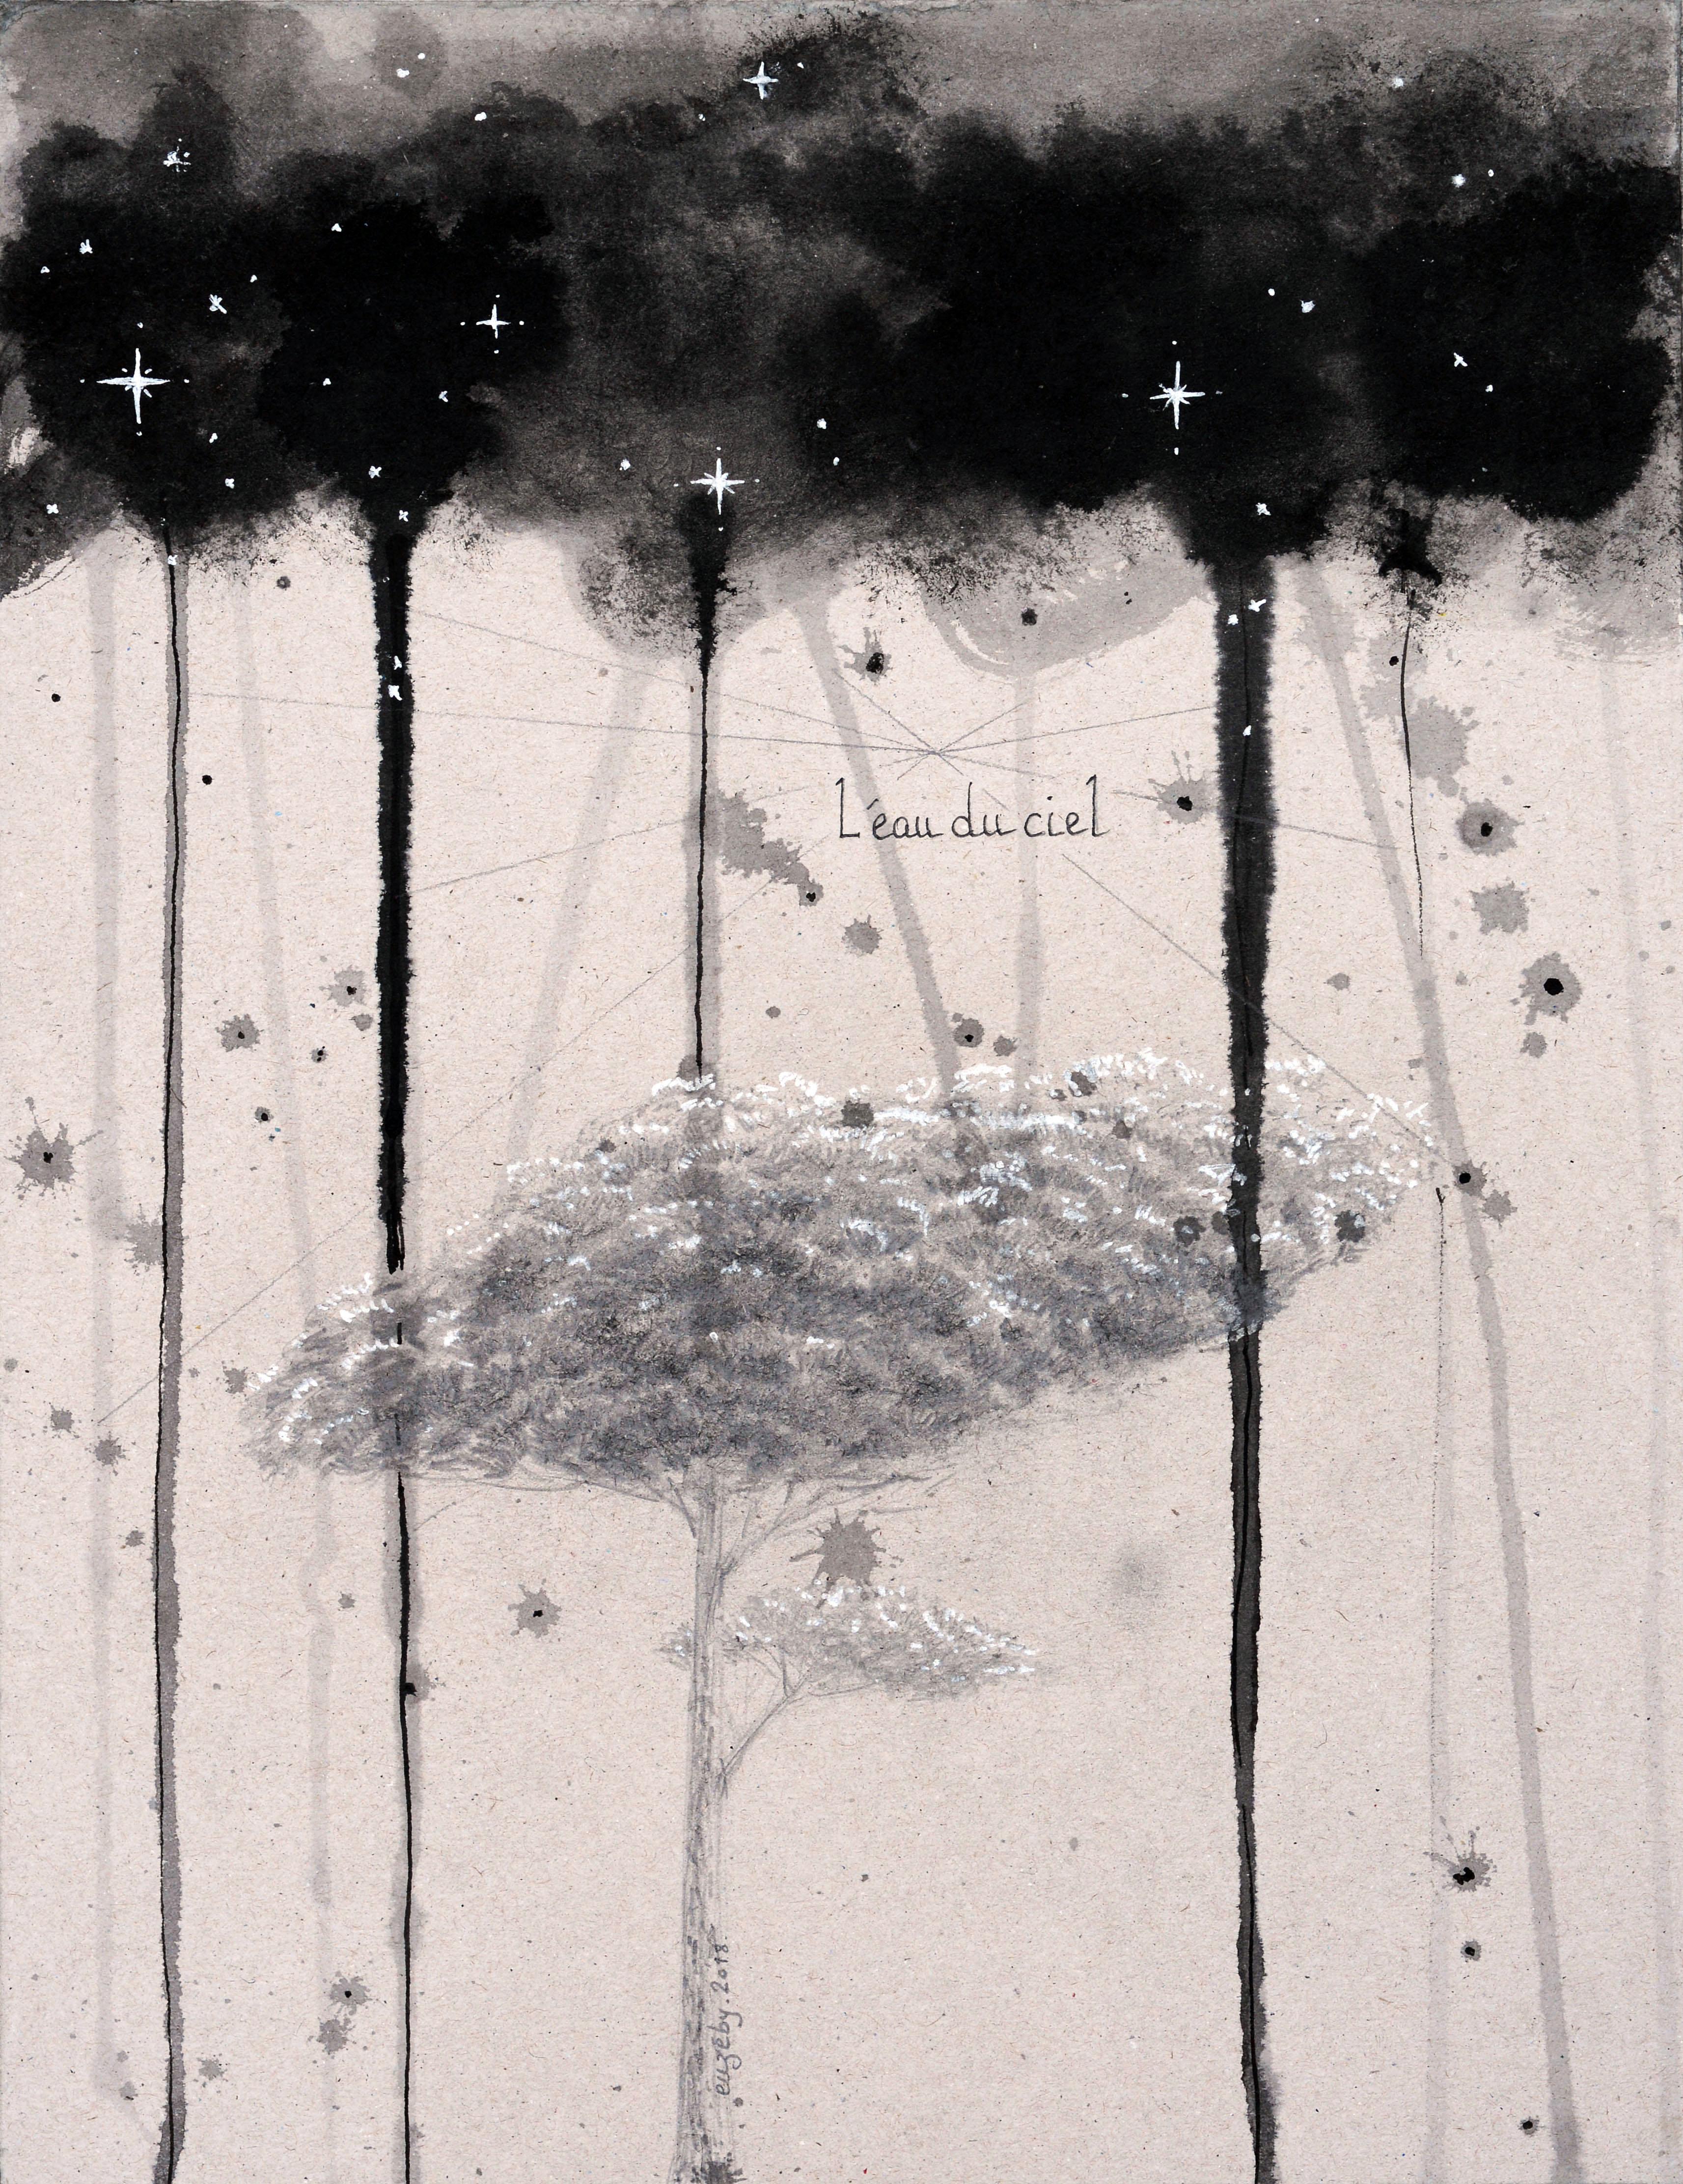 L'eau du ciel